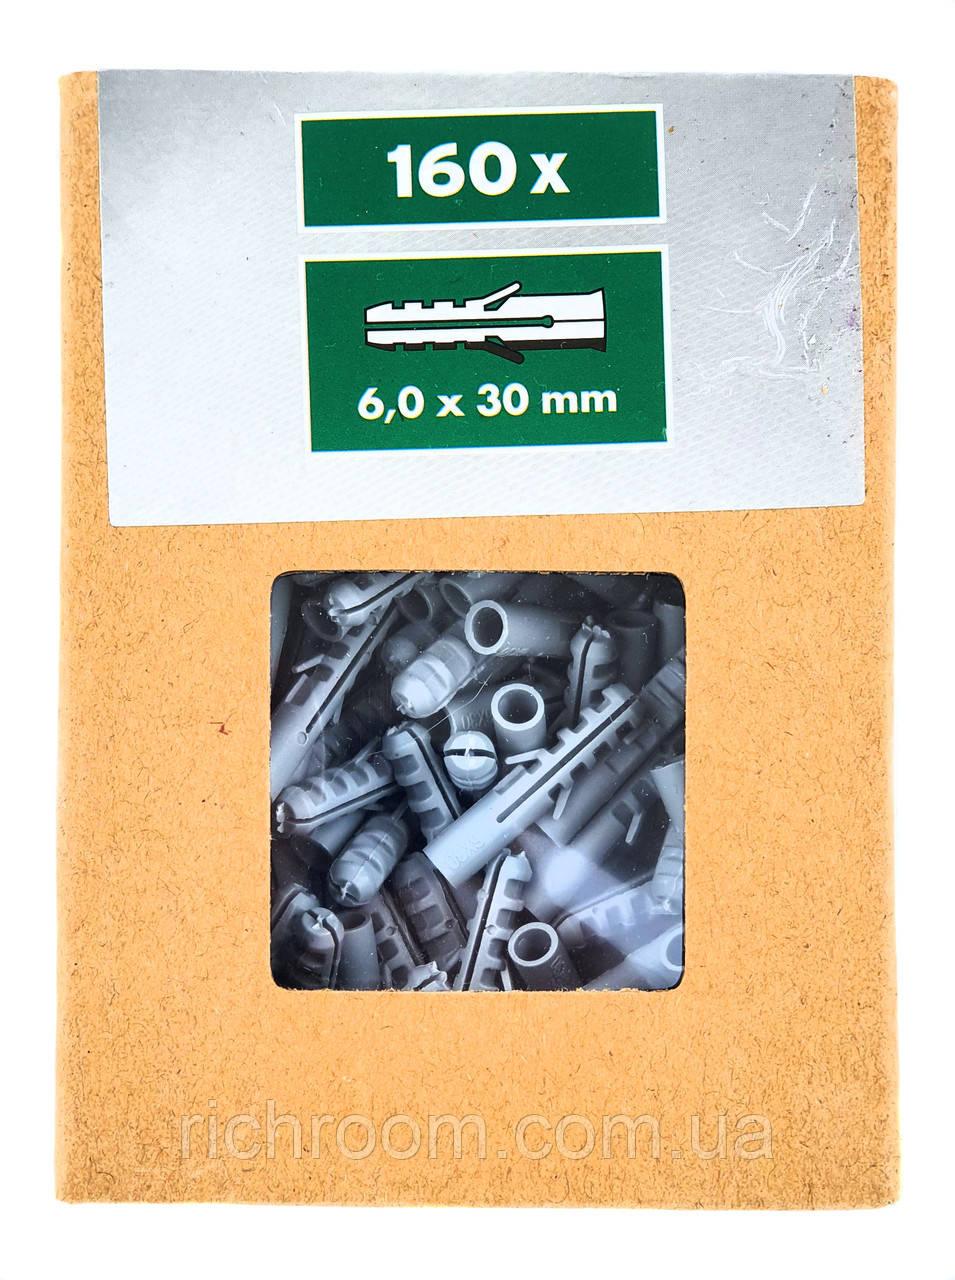 F1-00741, Дюбель универсальный POWERFIX набор (160 шт.), 6 х 30 мм, , серый